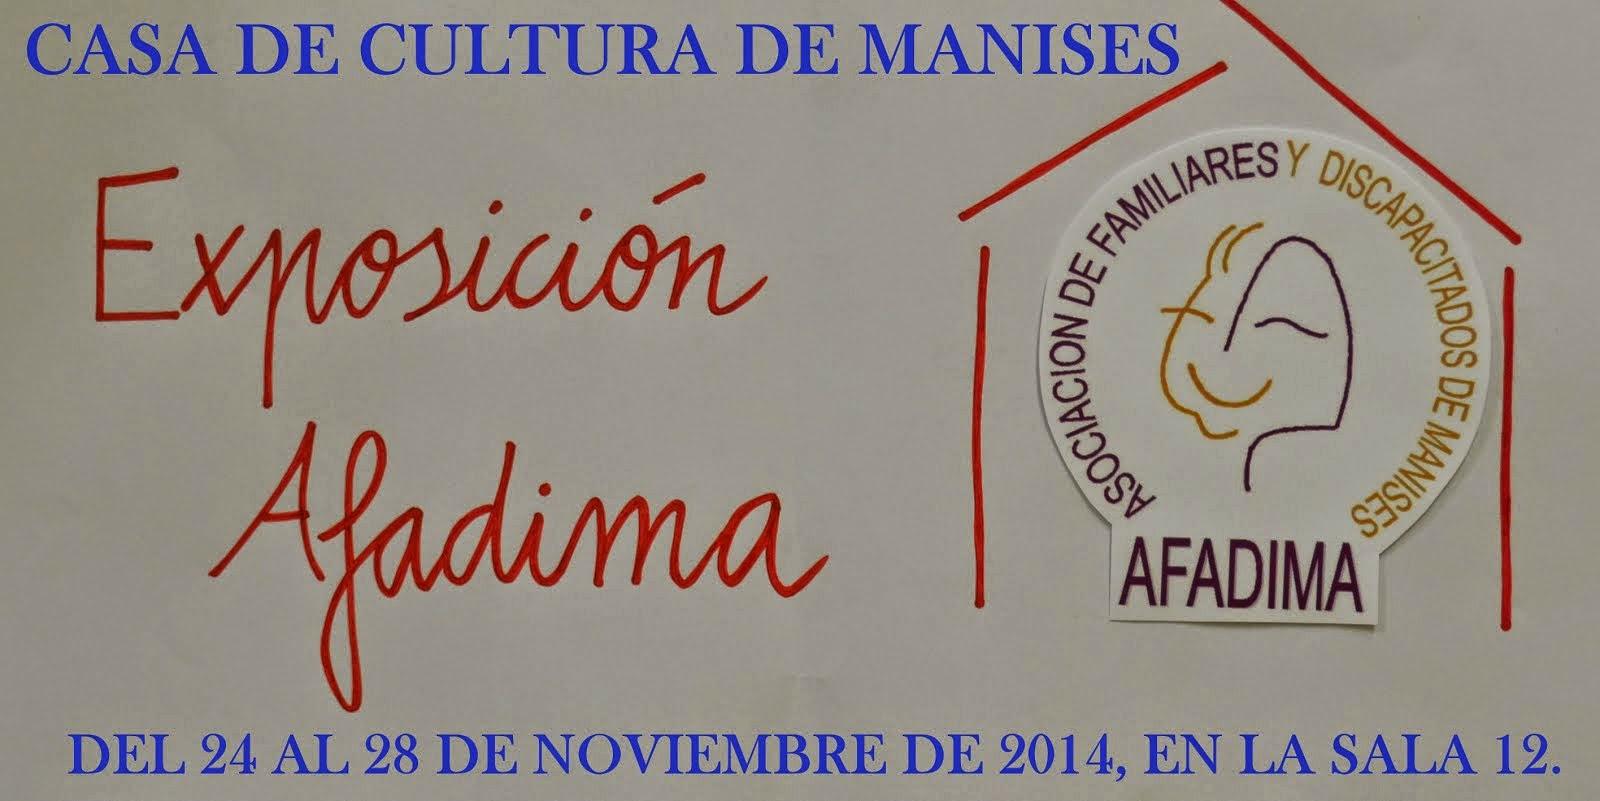 AFADIMA EXPONE LOS TRABAJOS EN LA CASA DE CULTURA DEL 24 AL 28 DE NOVIEMBRE.